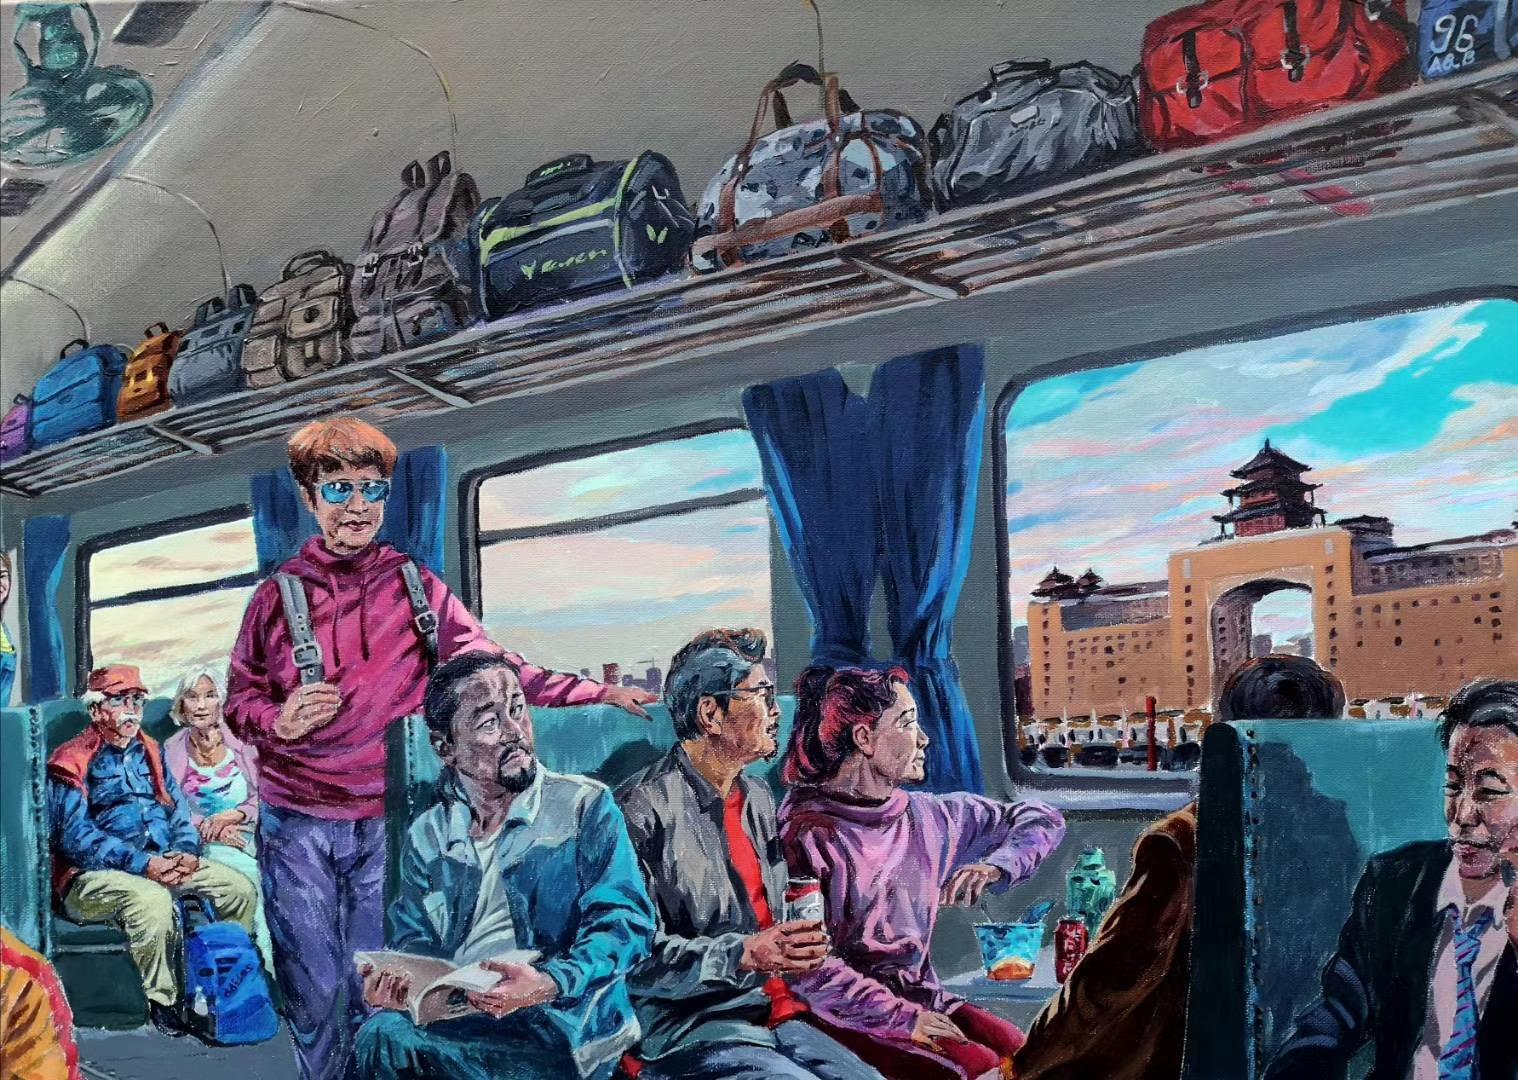 【北京の往事・列車で北京へ来られ-4月23日版】画家:趙斌-第十三回オンライン展示【jin11バーチャルギャラリー】2020年4月